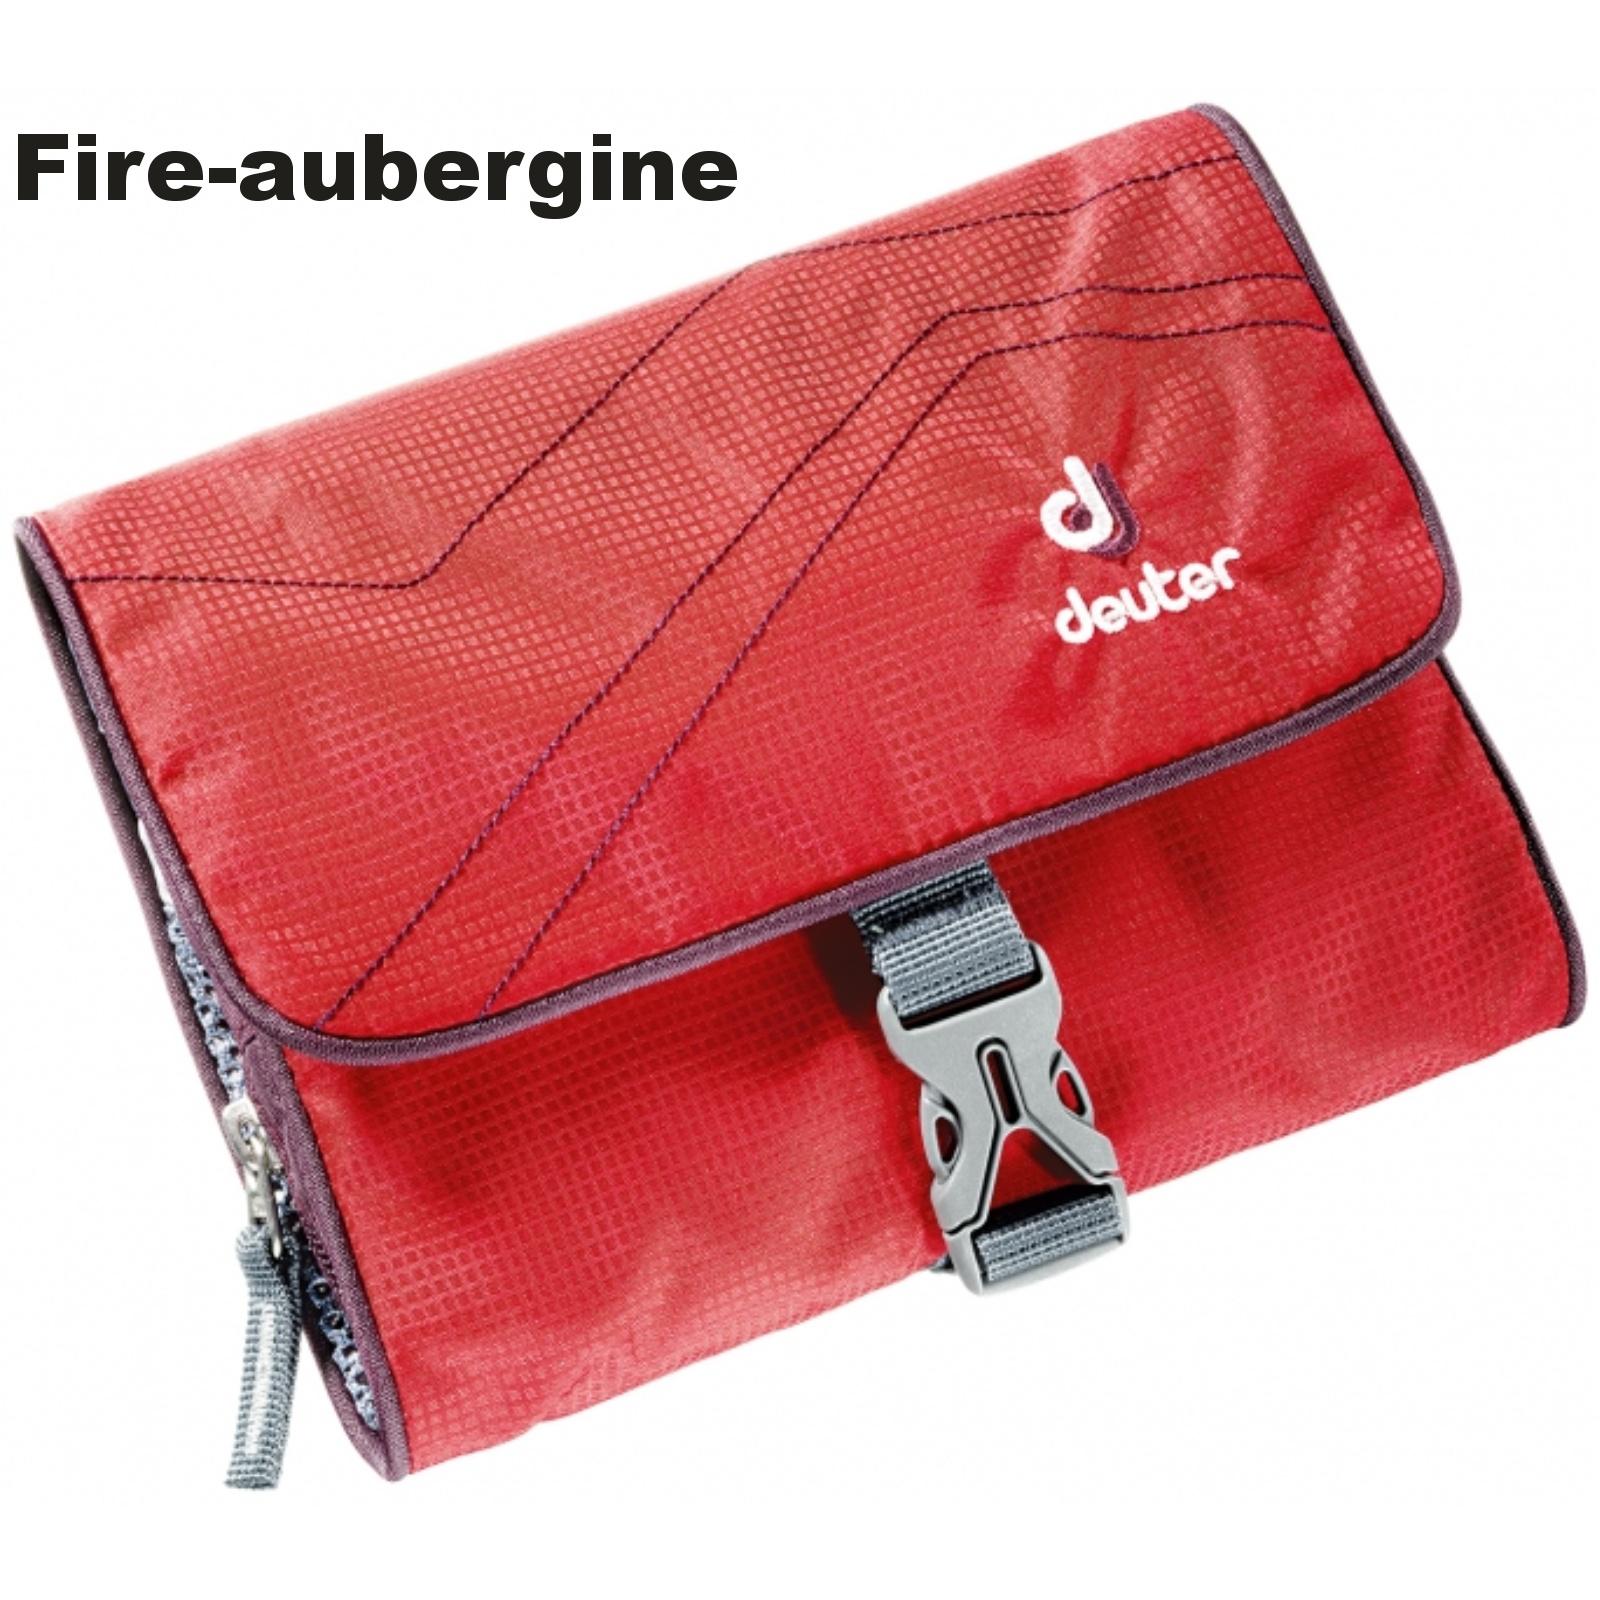 Toaletní taška DEUTER Wash Bag I - fire-aubergine